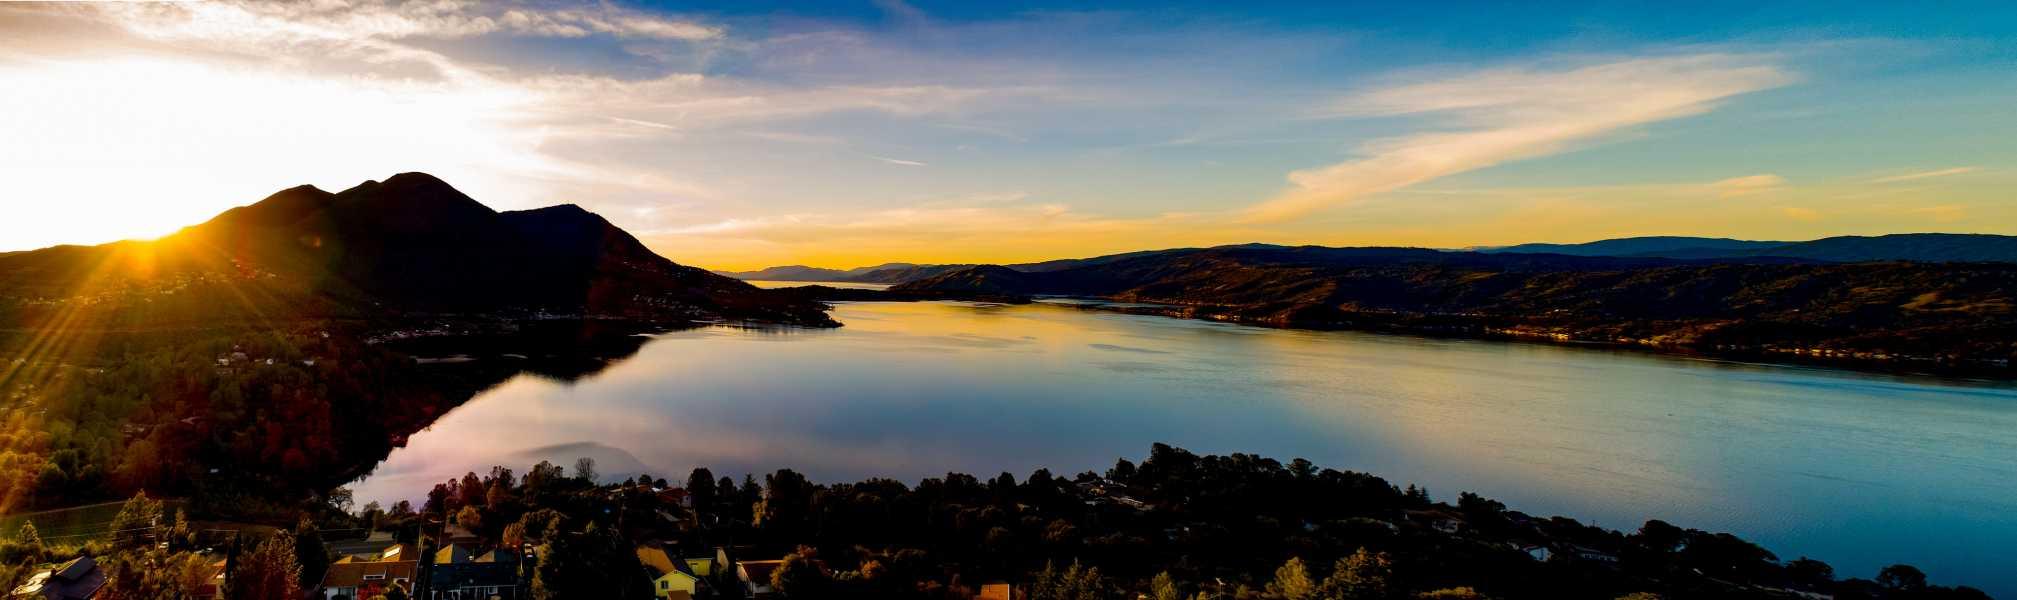 Drone Photo Kelseyville CA